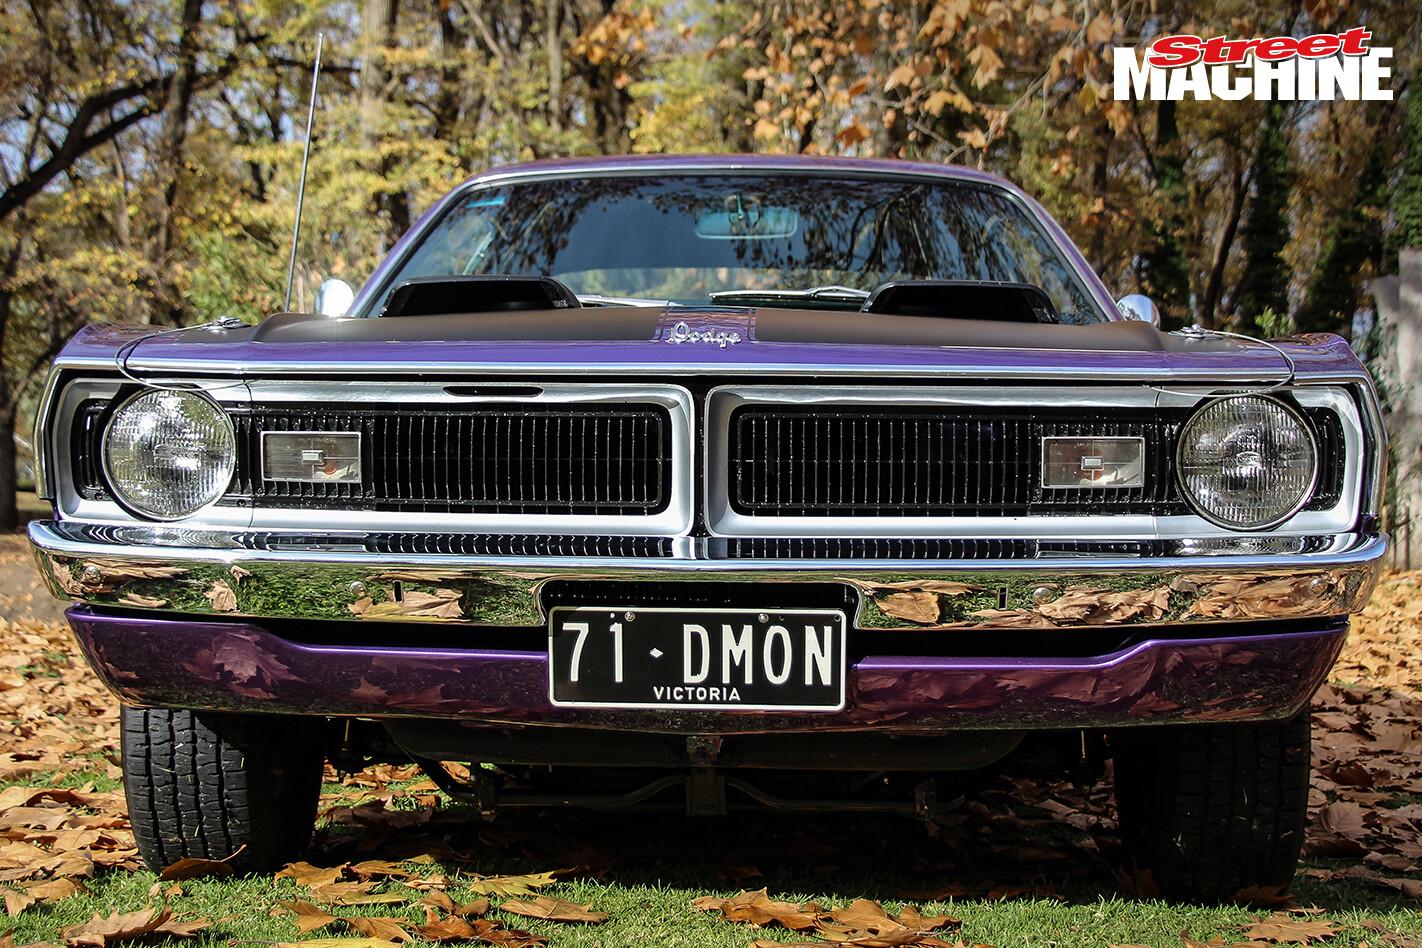 1971 Dodge Demon 340 Jpg